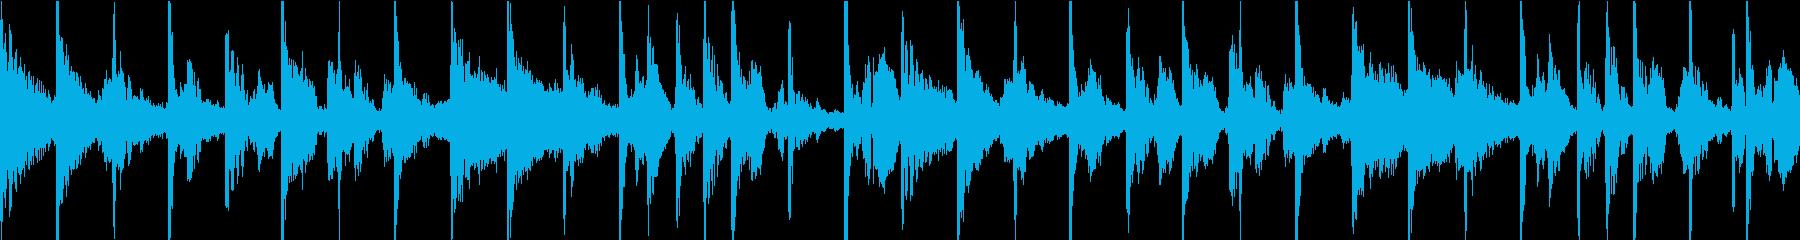 シルキーで滑らかで暖かいチルアウト...の再生済みの波形